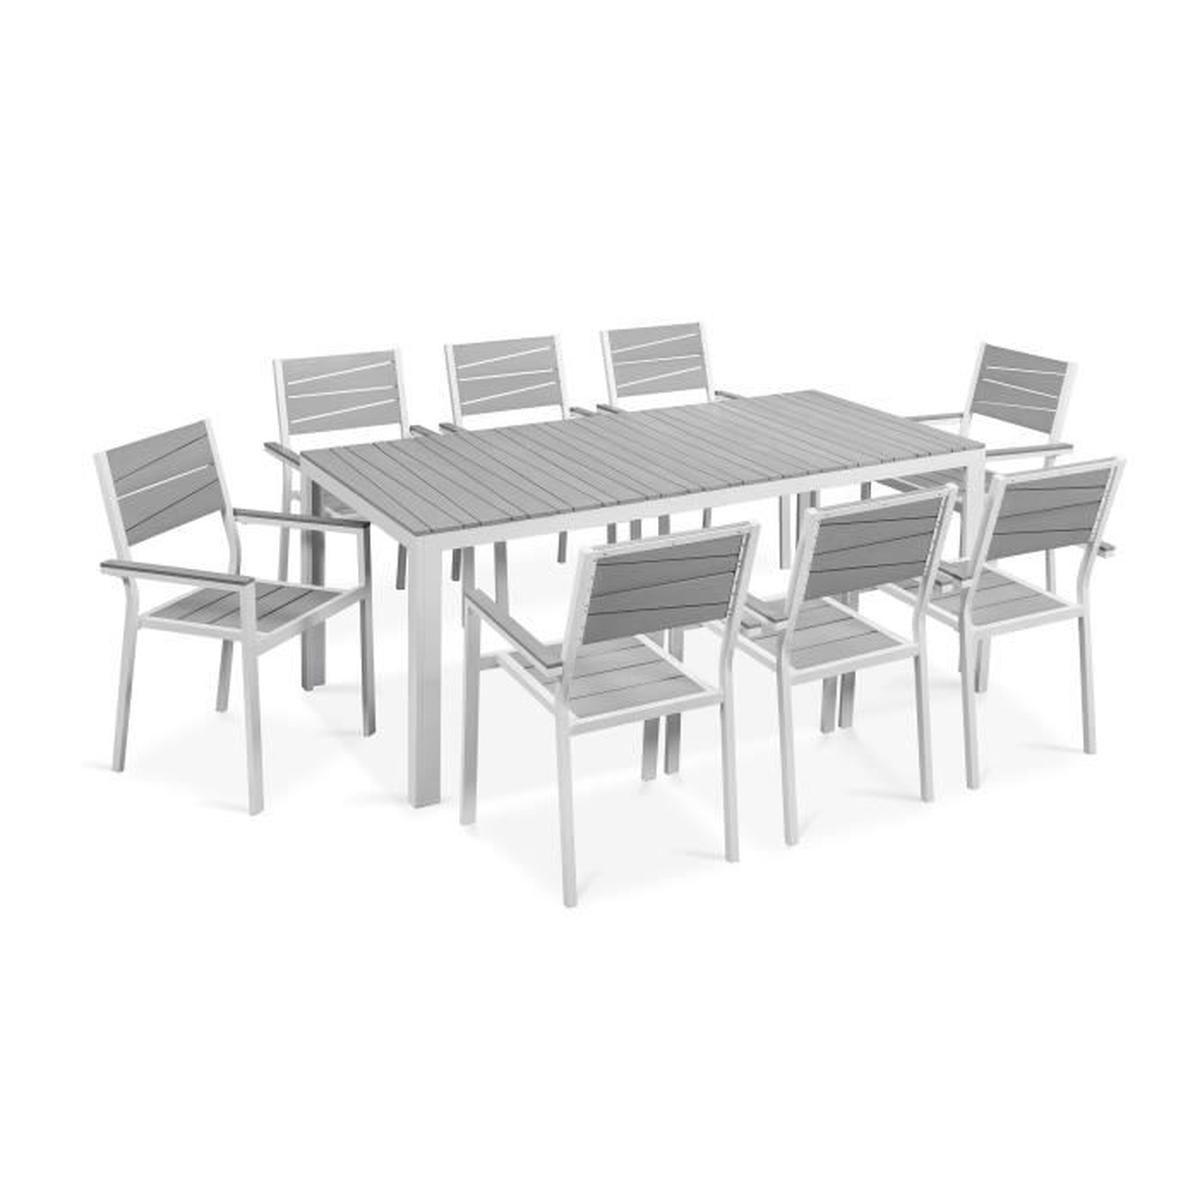 Salon De Jardin Table Et Chaises Accoudoir Aluminium dedans Salons De Jardin Pas Cher